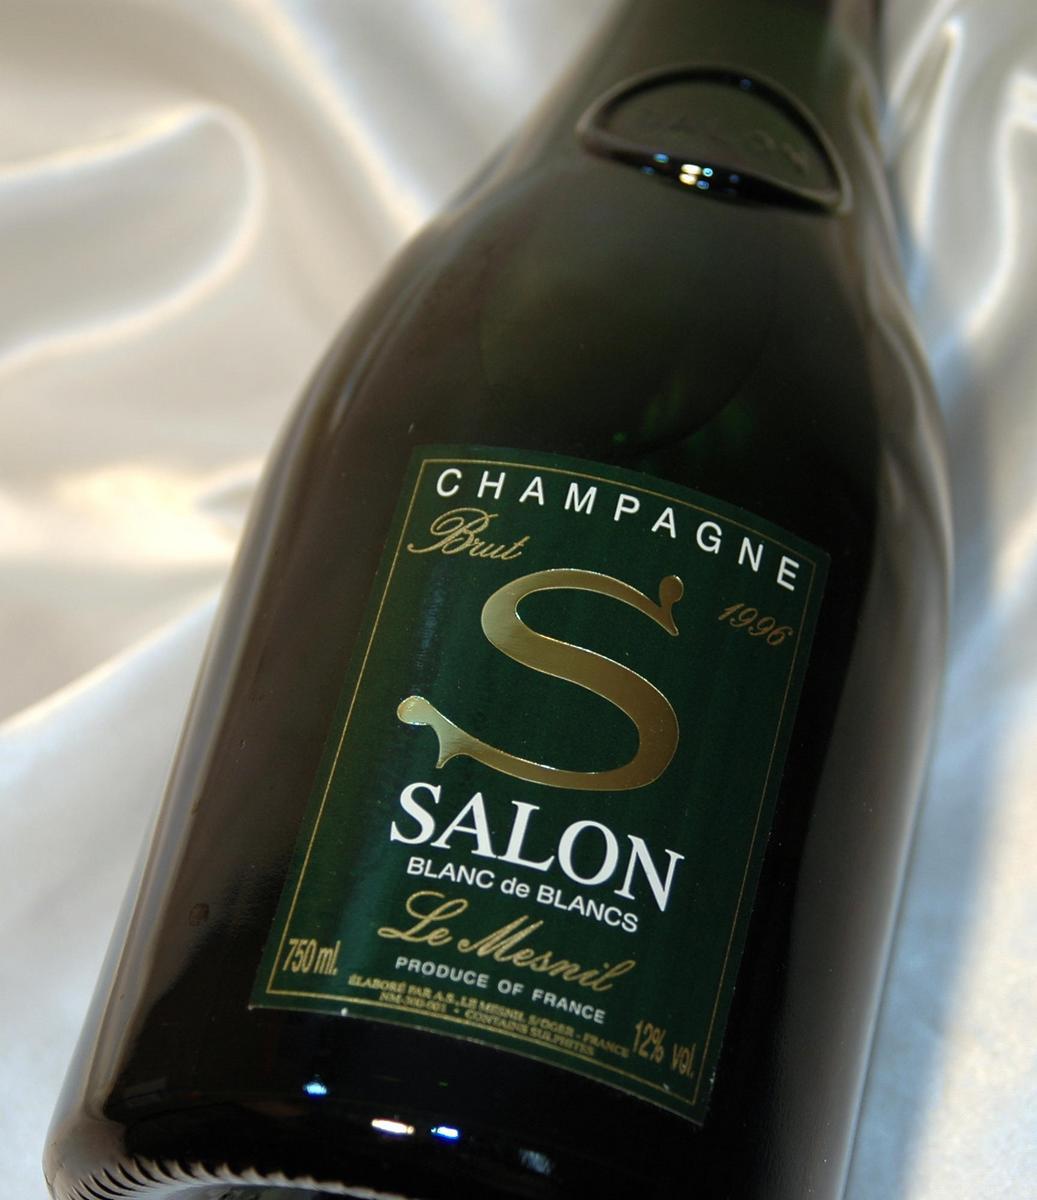 サロン・ブラン・ド・ブラン [2002] 箱なし750ml/シャンパン/泡/フランスワイン/シャンパーニュ/salon